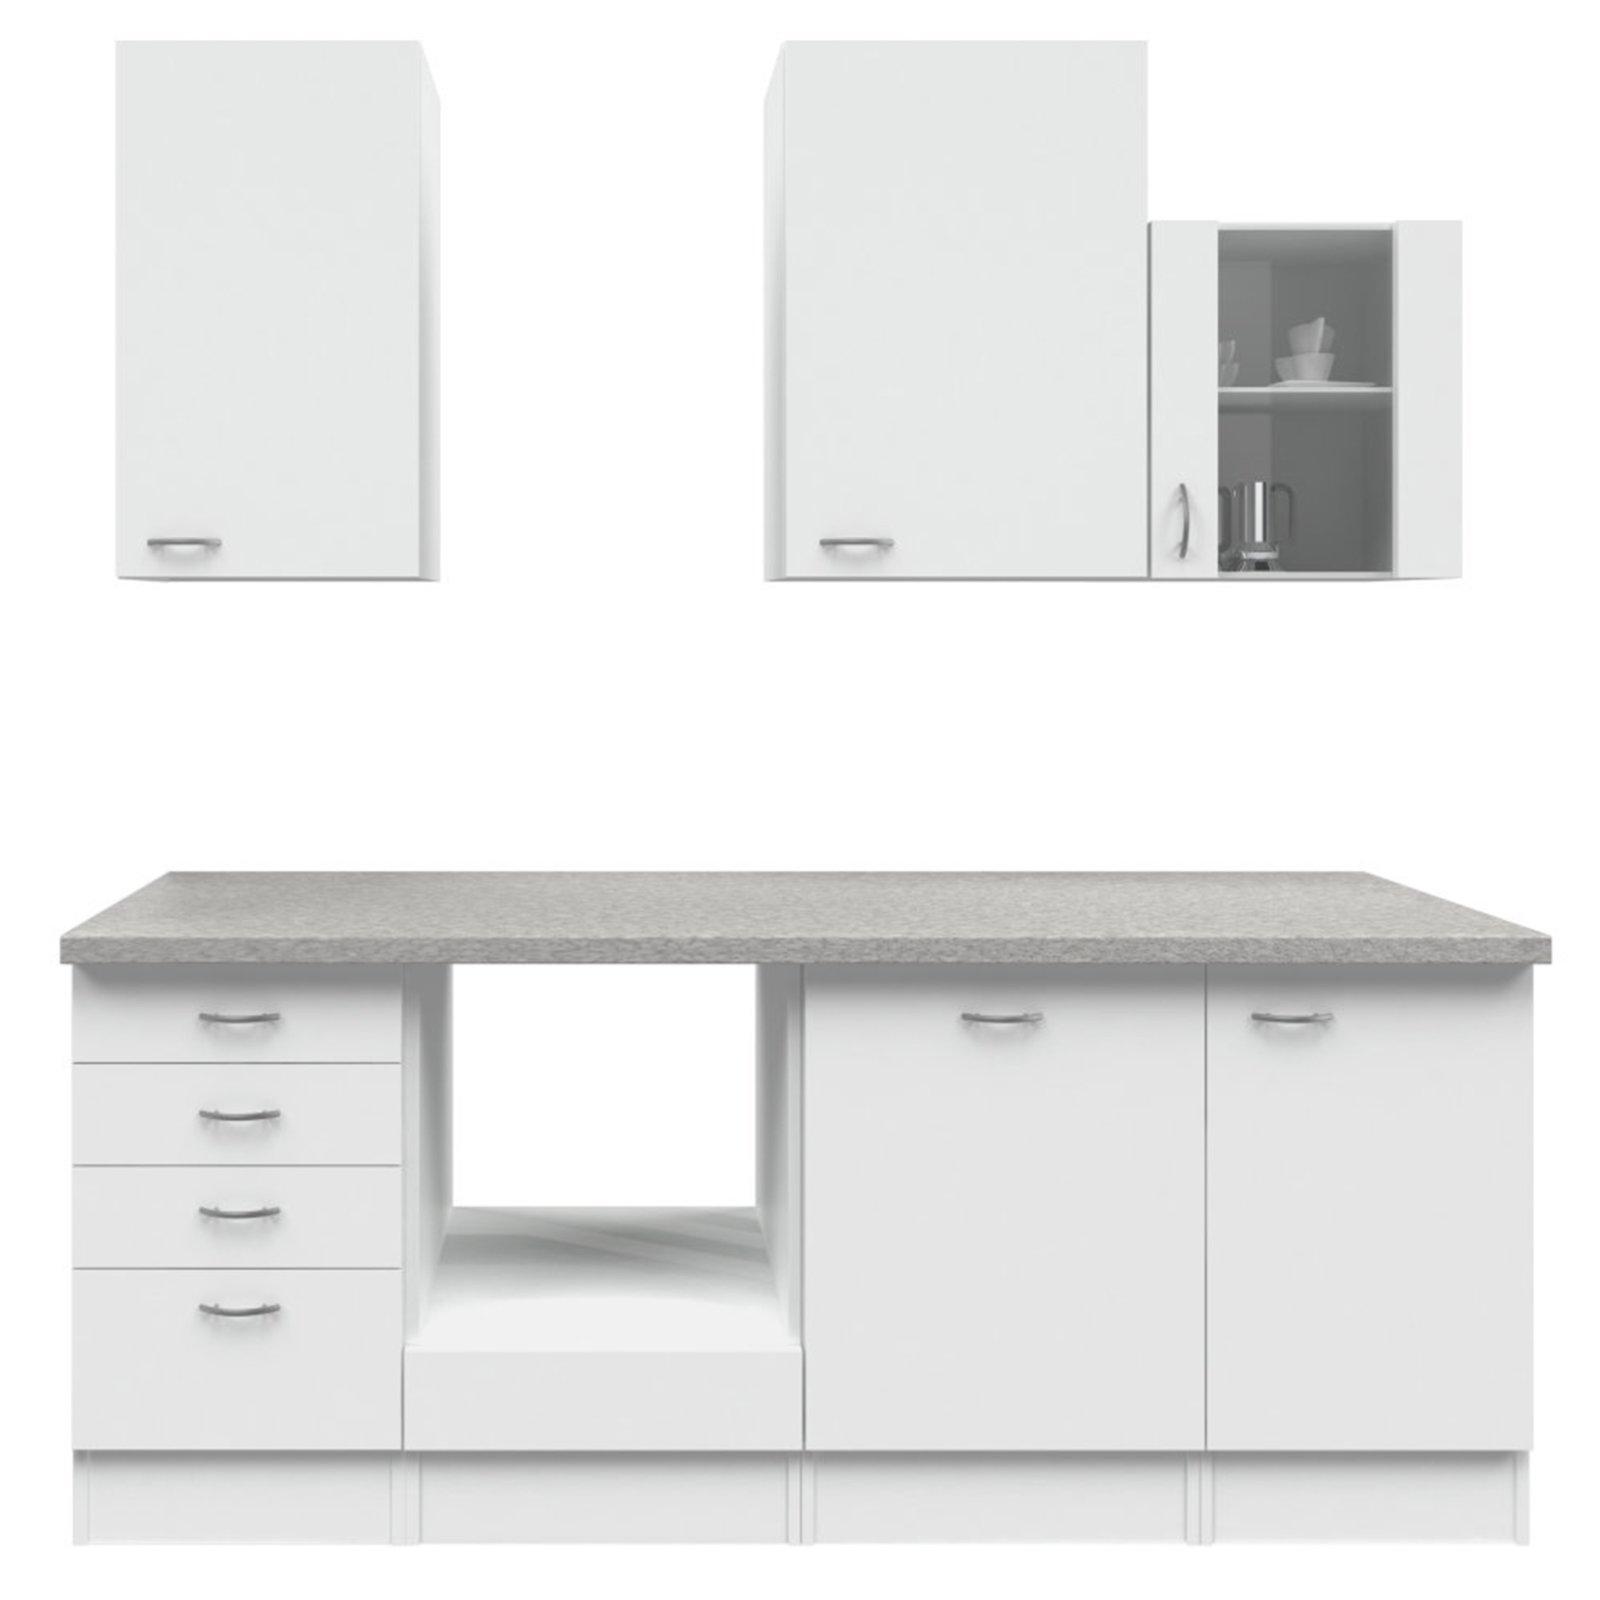 k chenblock wito wei grau 220 cm k chenzeilen ohne e ger te k chenzeilen m bel. Black Bedroom Furniture Sets. Home Design Ideas